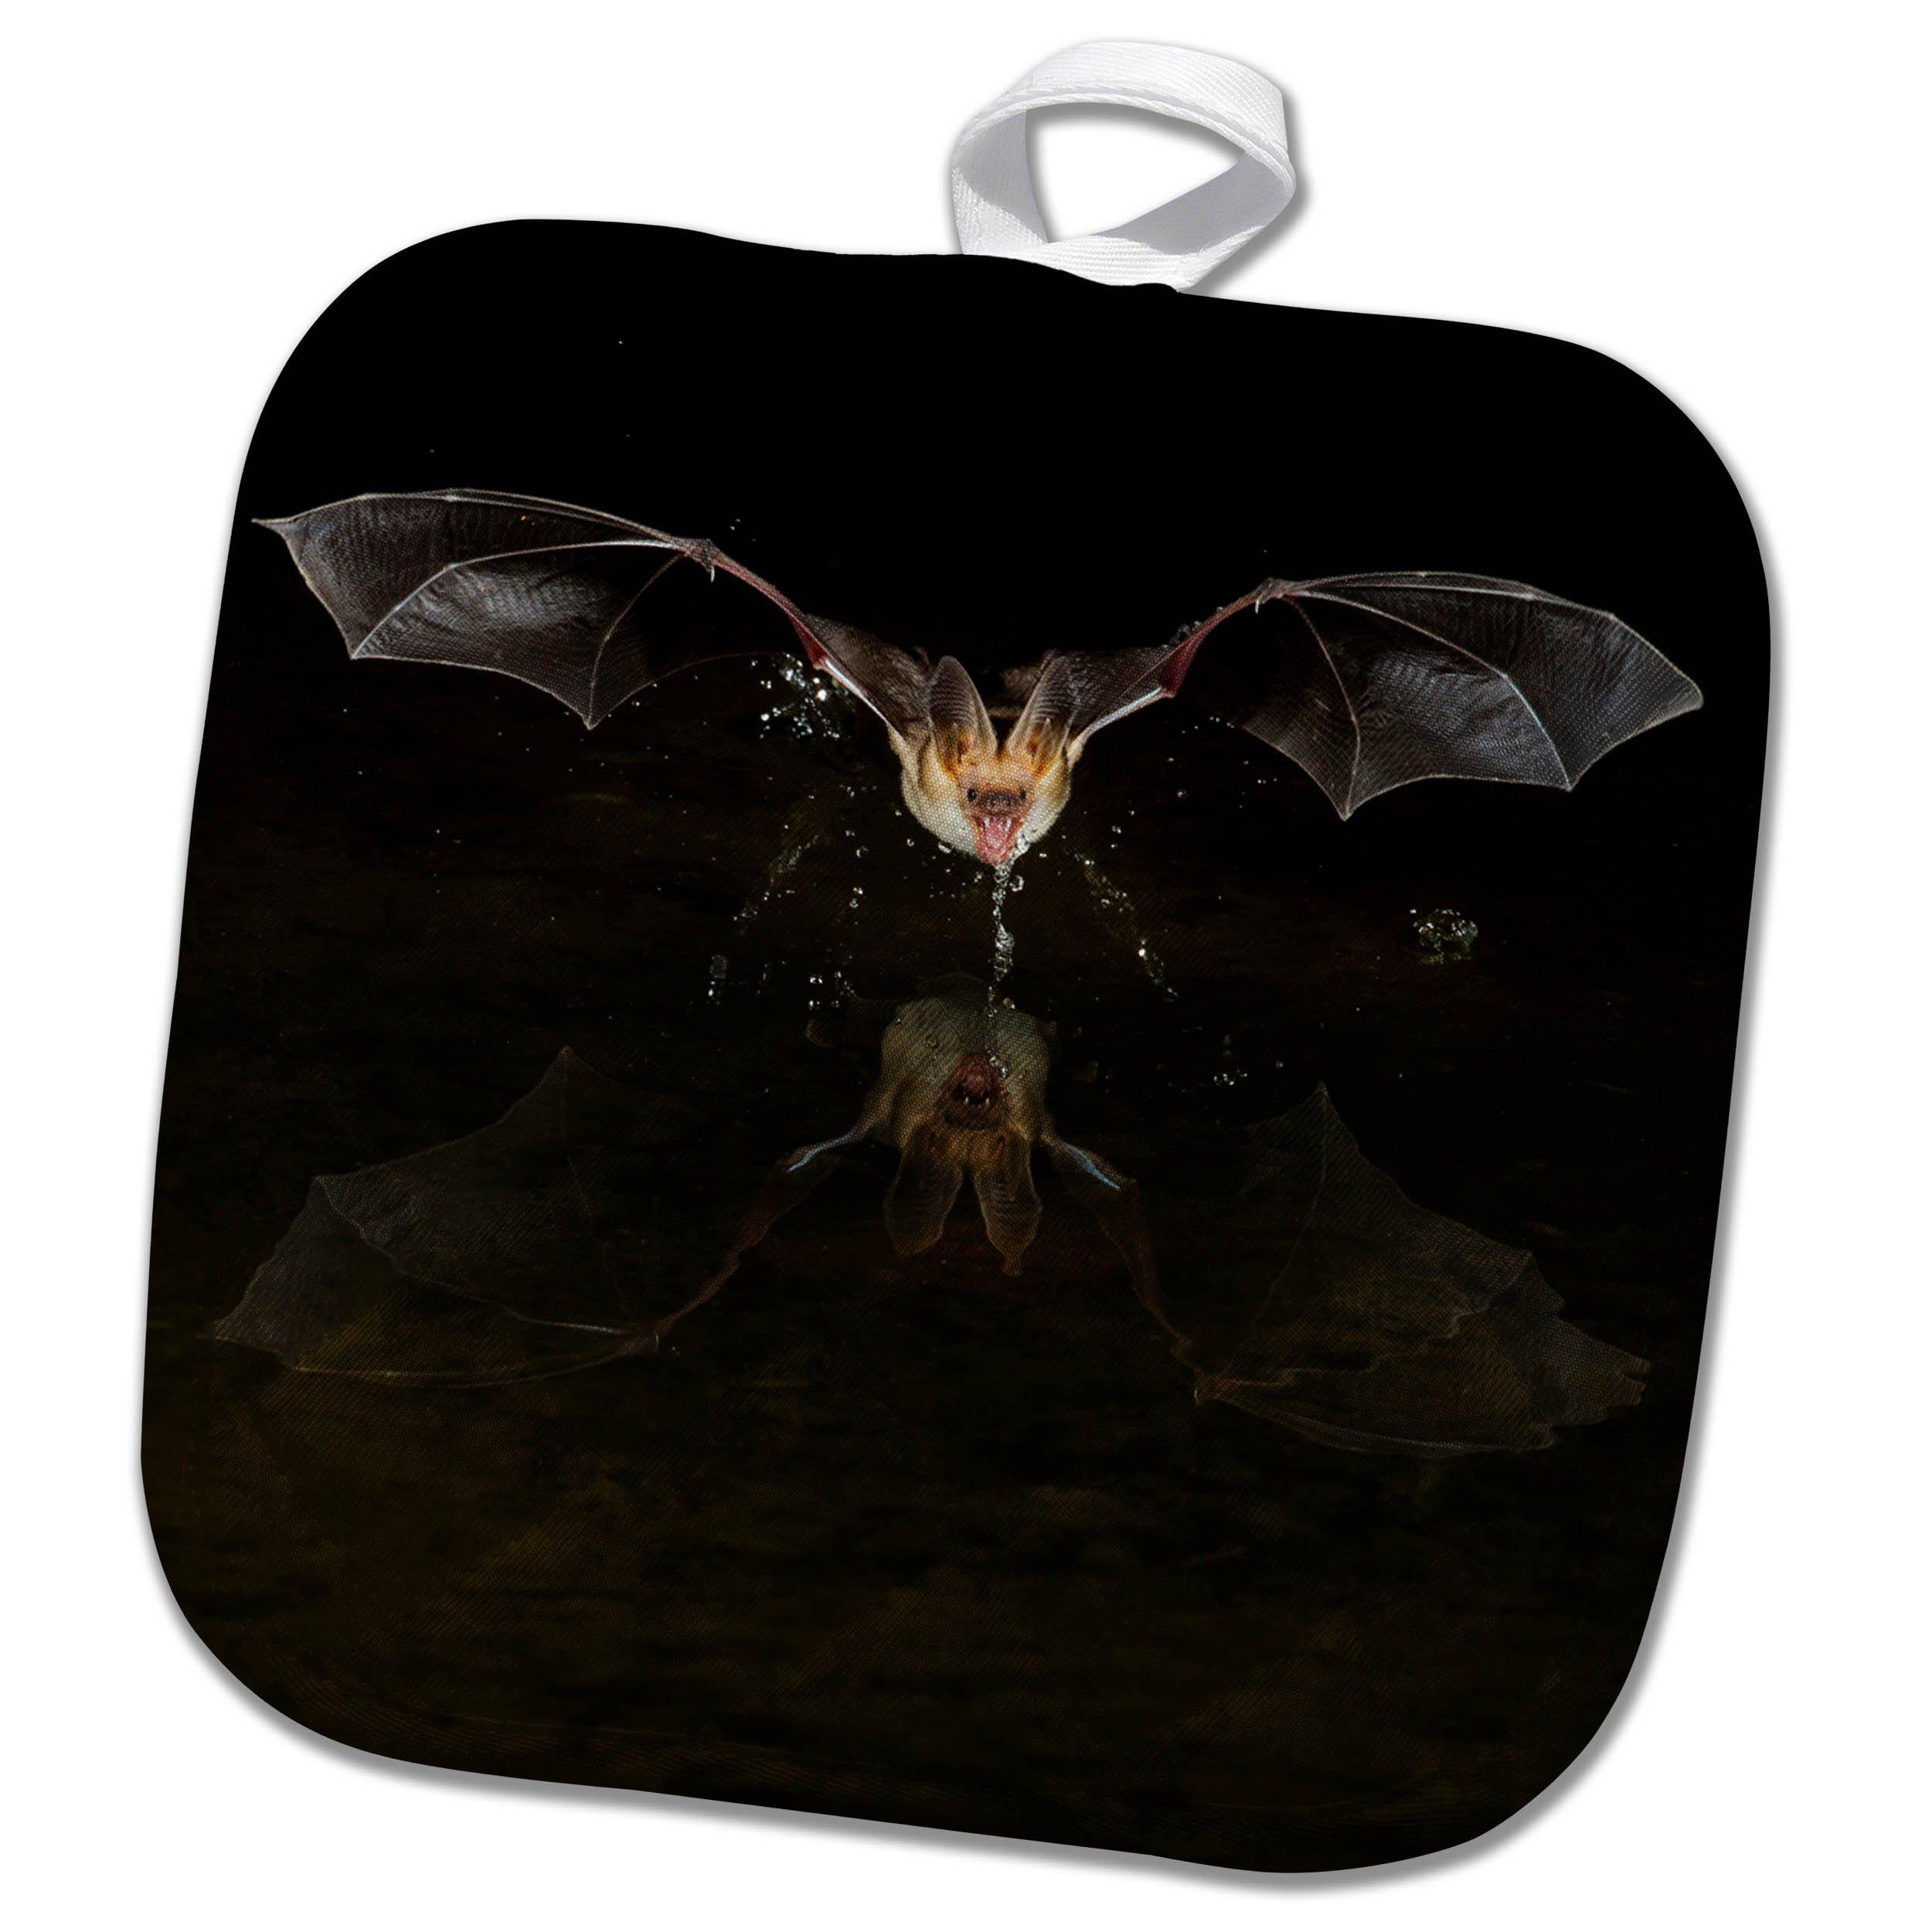 3dRose Danita Delimont - Bats - Arizona, pallid bat, Antrozous pallidus, drinking - 8x8 Potholder (phl_258690_1)